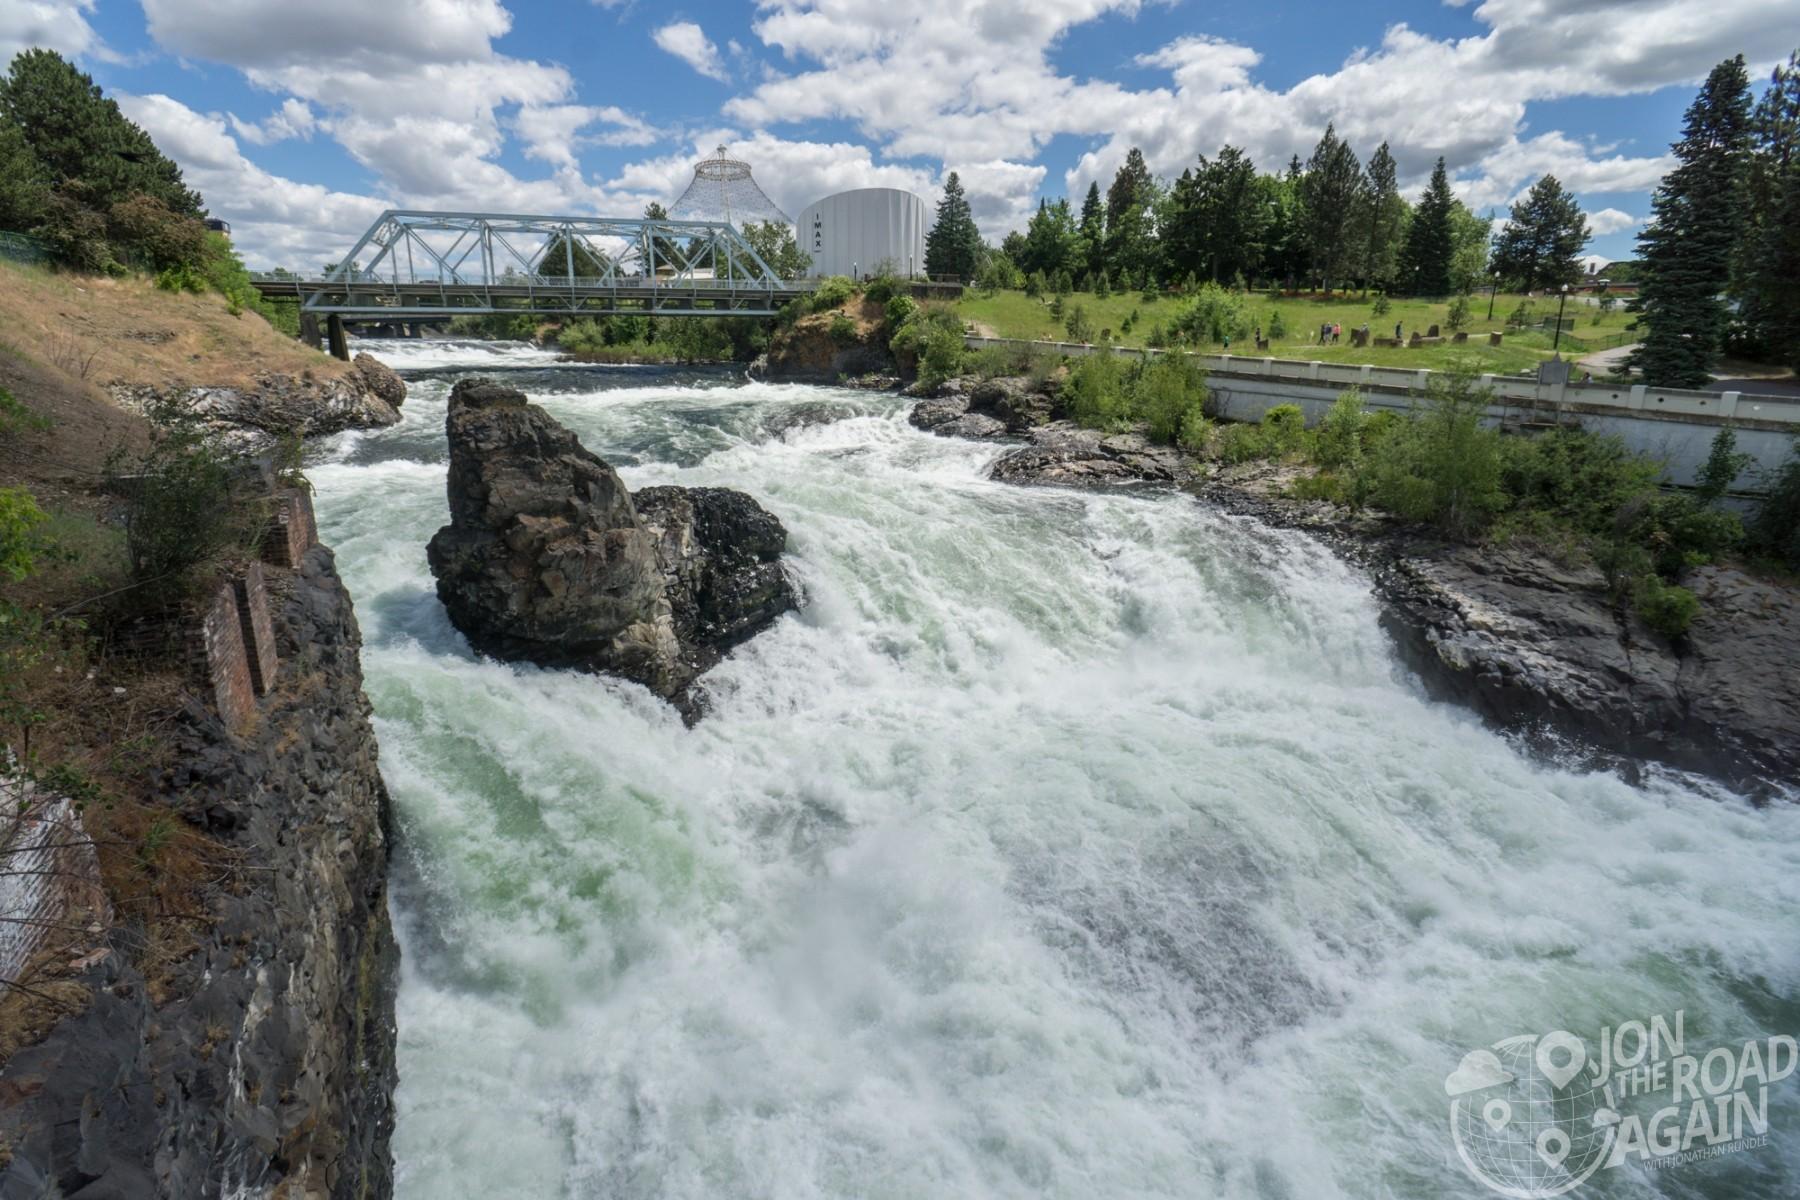 Spokane, WA Riverfront Park